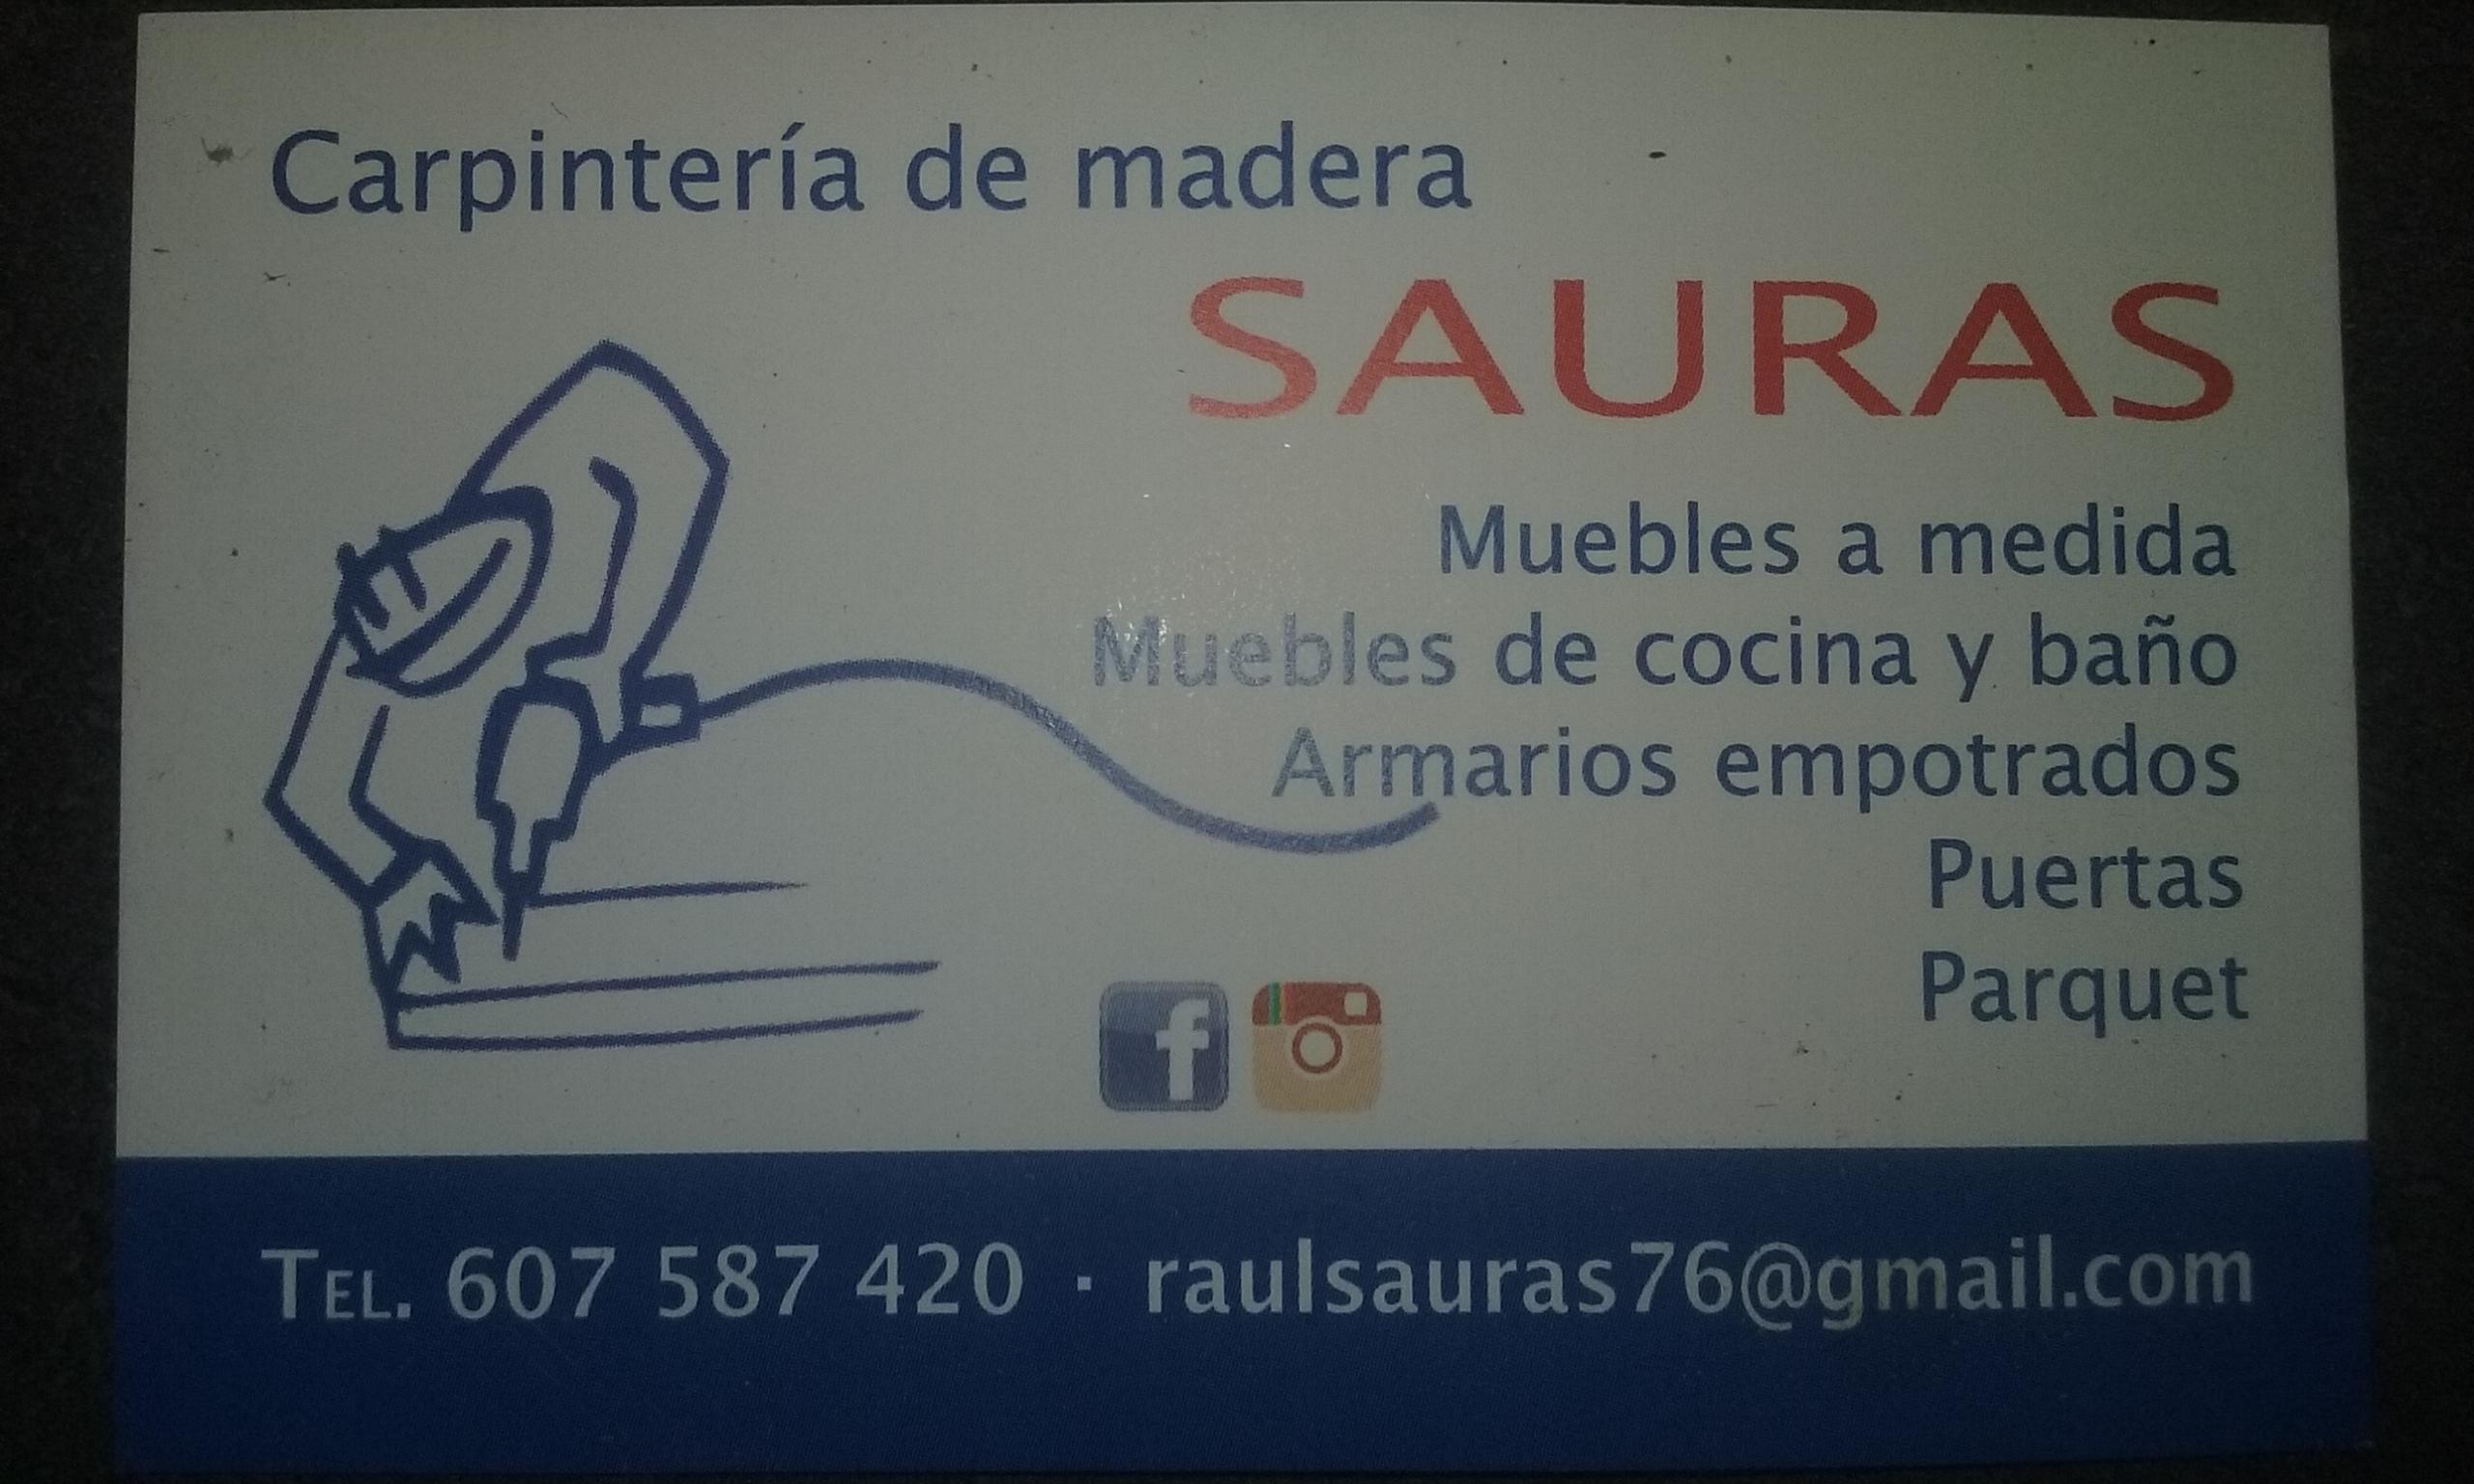 Carpintería Sauras